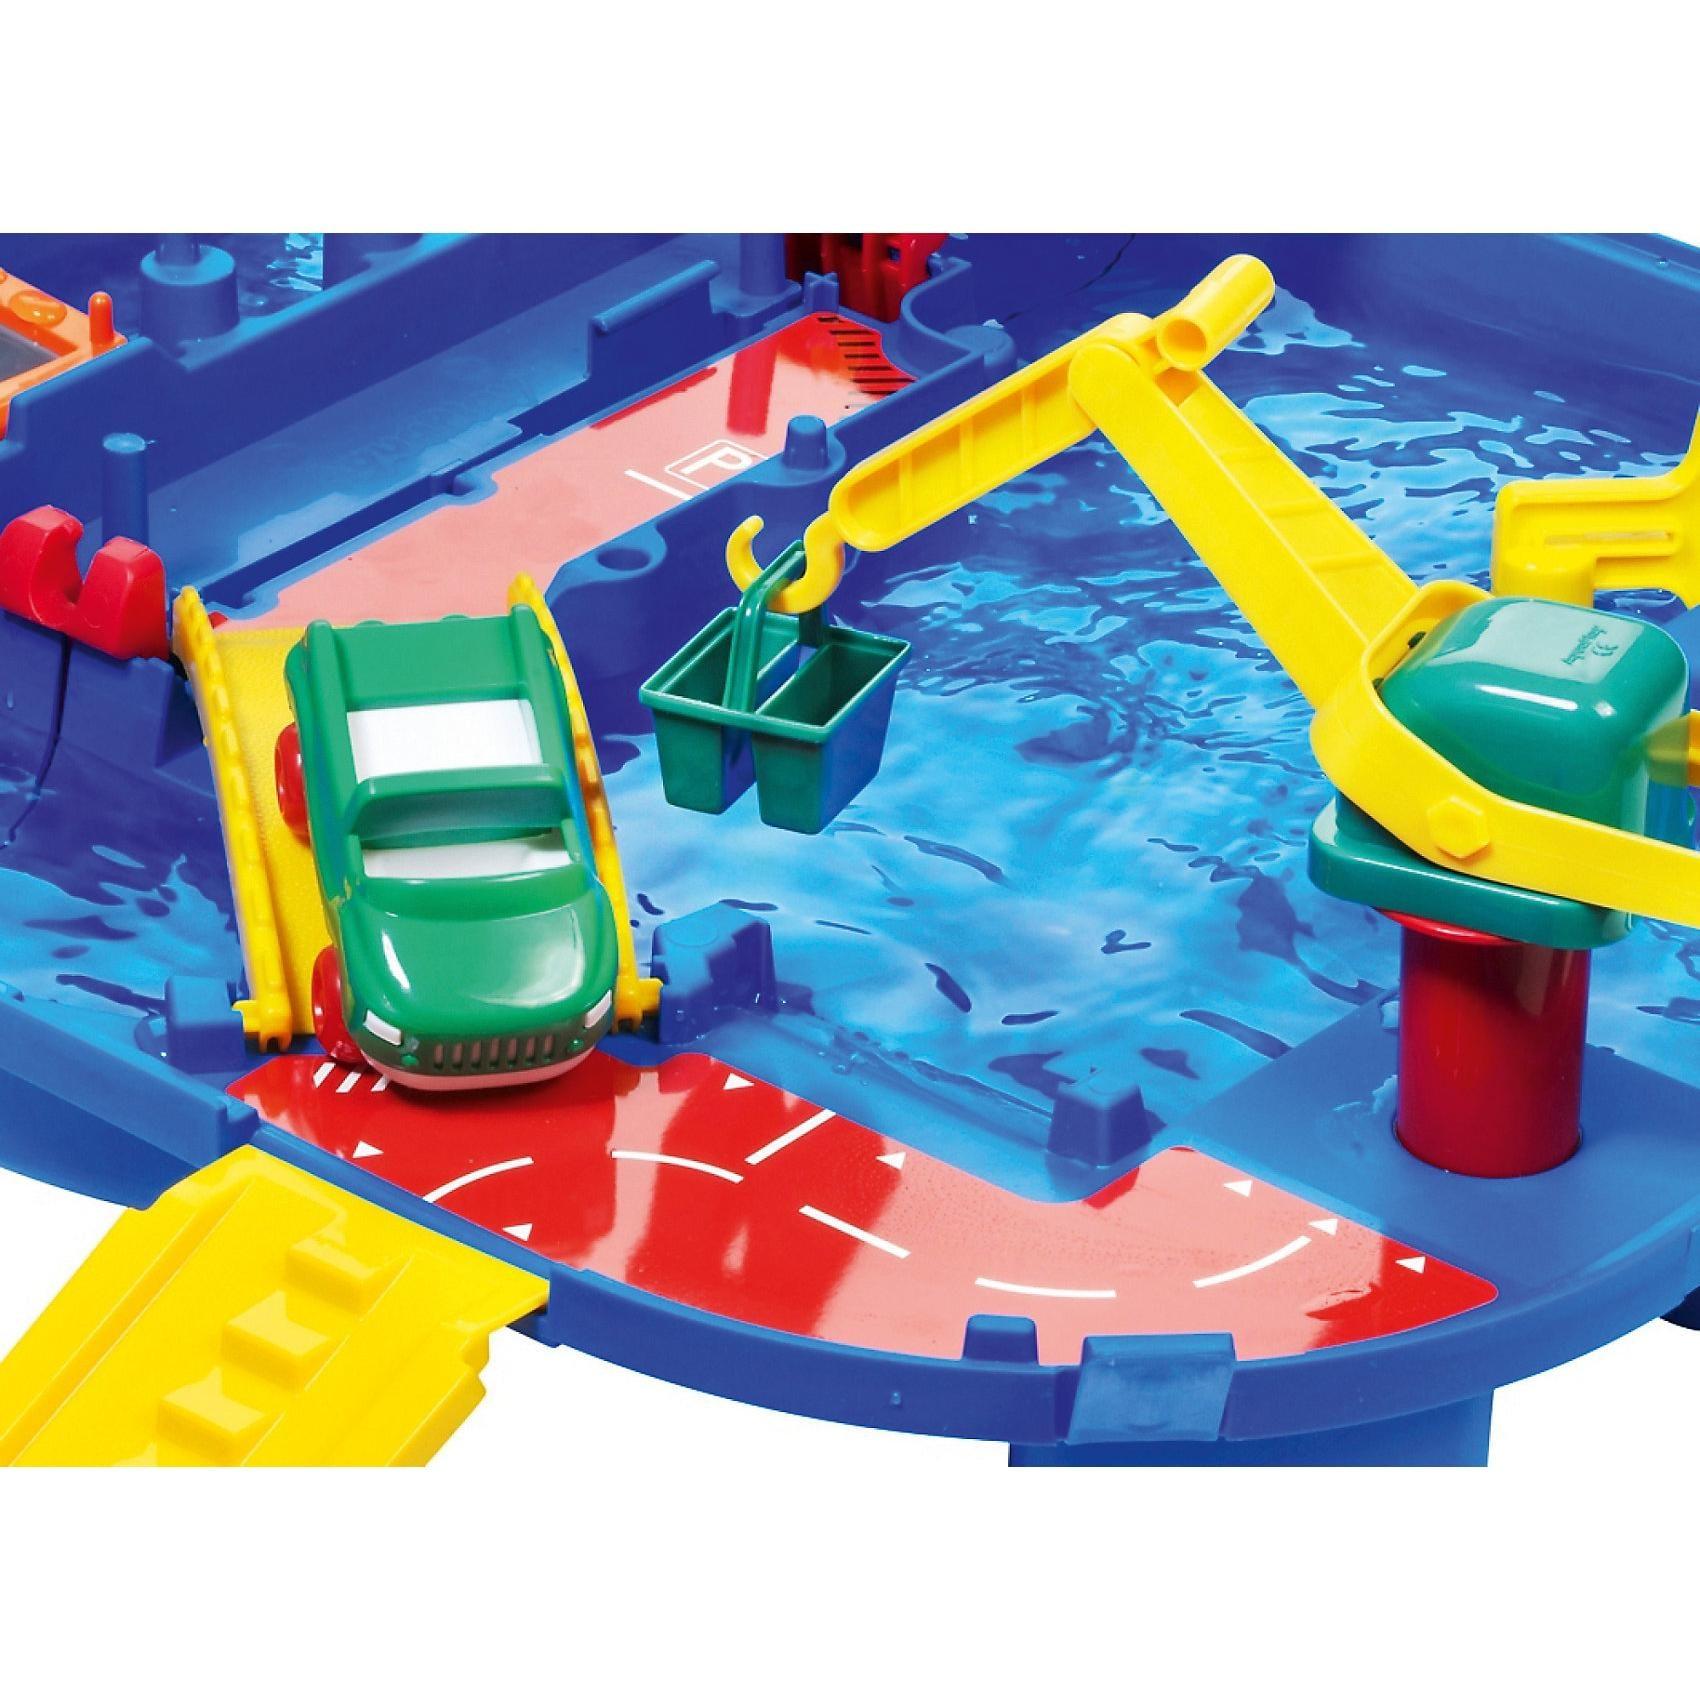 Aquaplay Tragbare Wasserbahn Lock Box 85x65cm